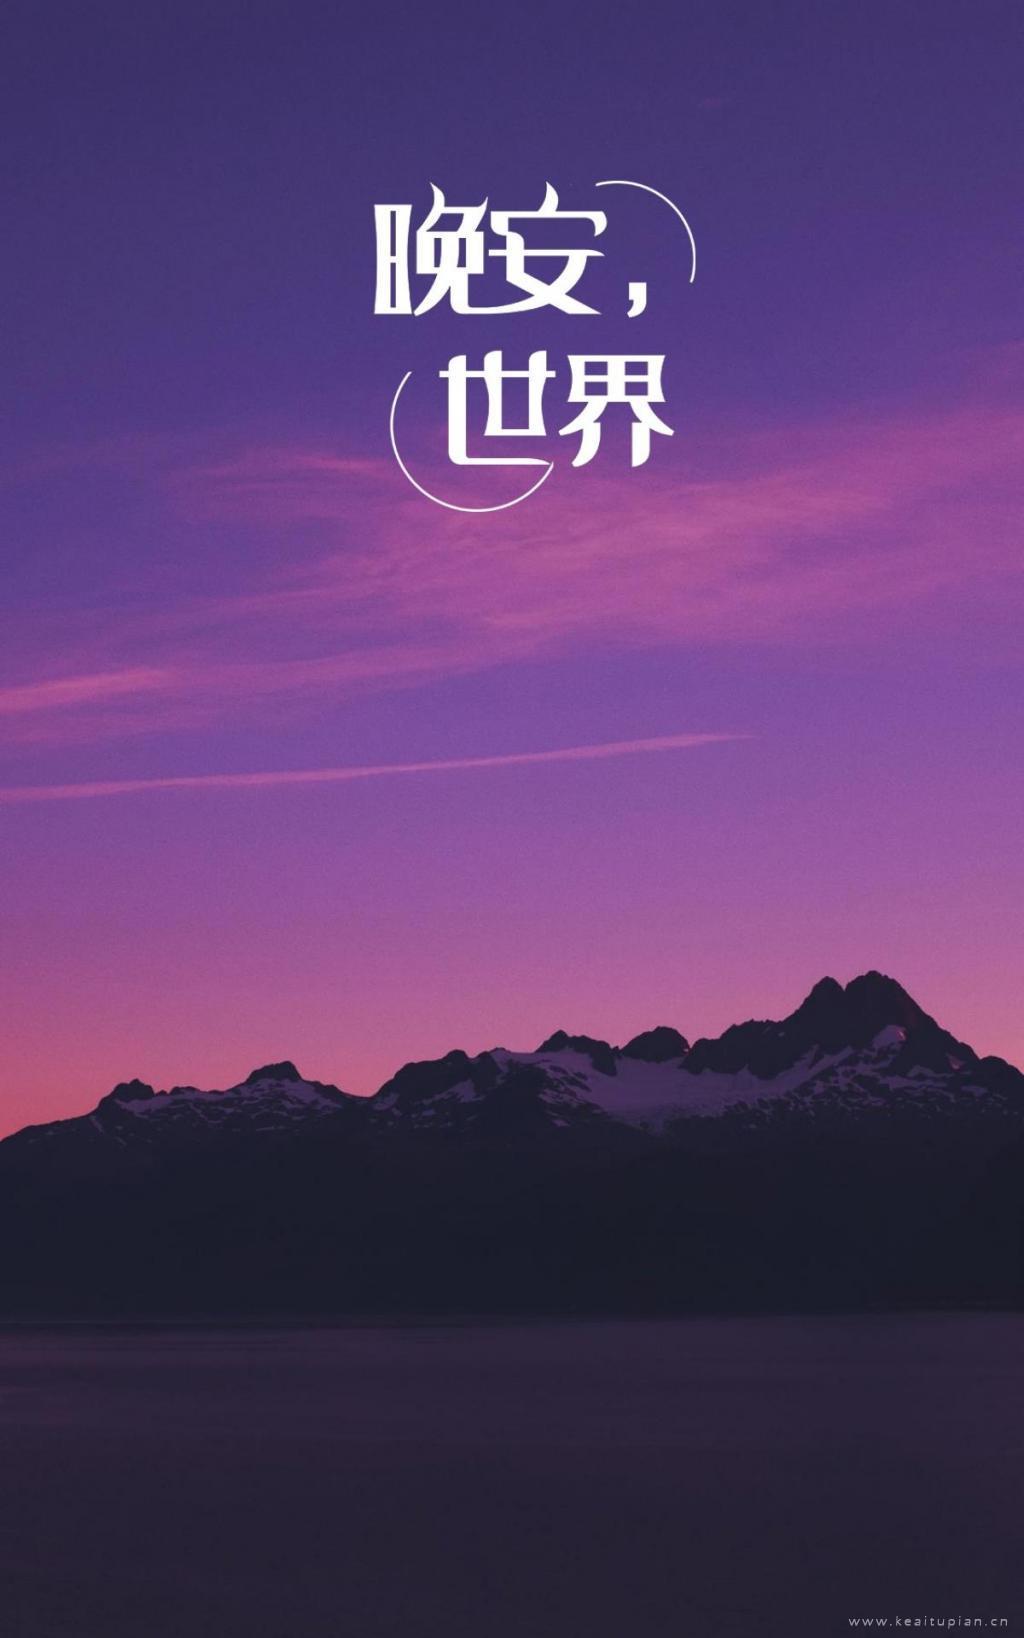 迷人的世界风景,晚安|夜幕降临前的紫色晚霞壁纸图片